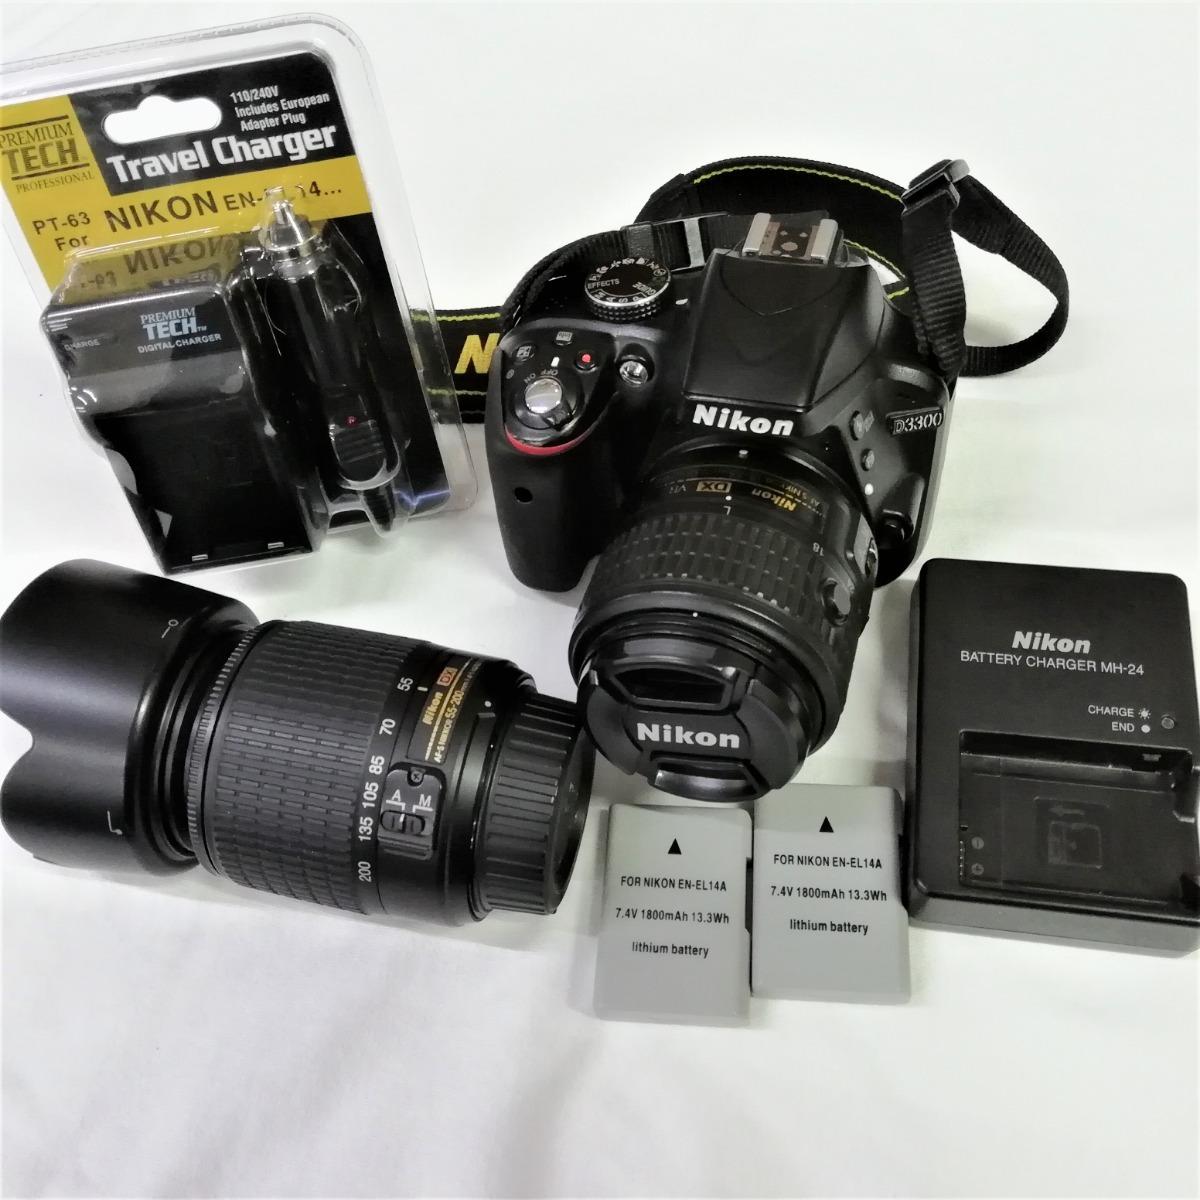 Nikon D3300 Kit De Dslr Con 18 55 Mm Dx Vr Ii Y 200 55mm Cargando Zoom